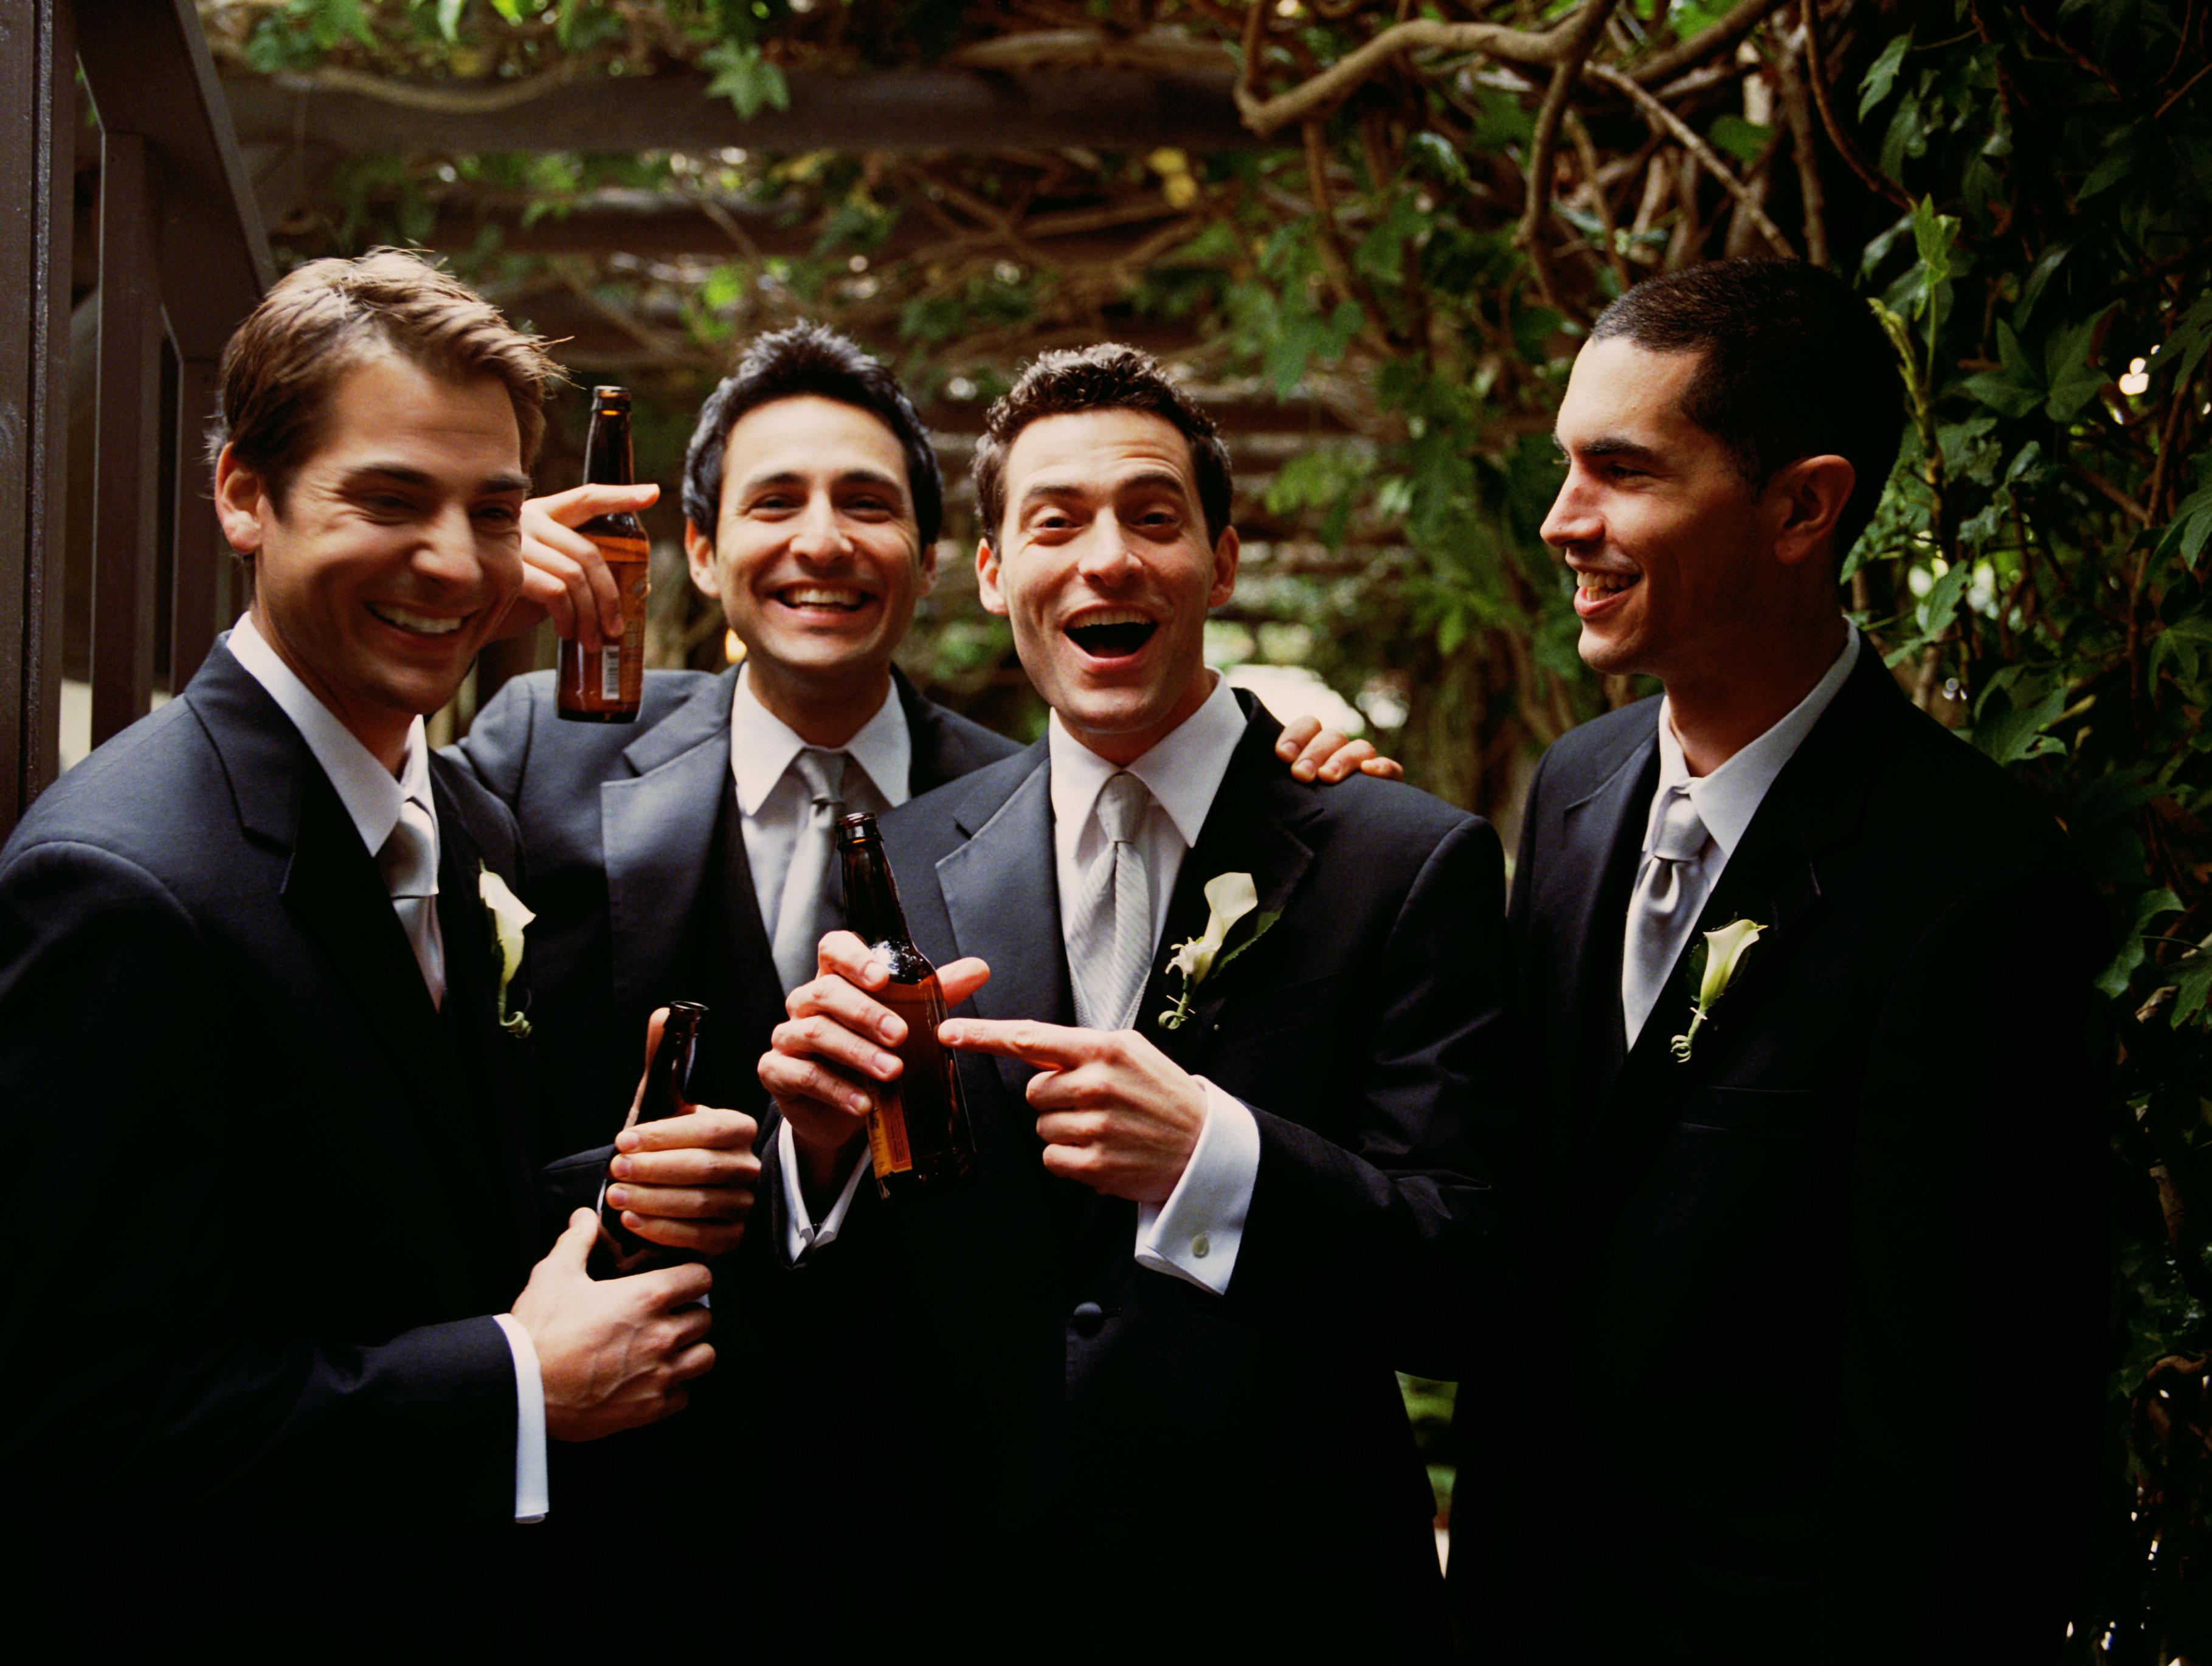 Groom and groomsmen having beer